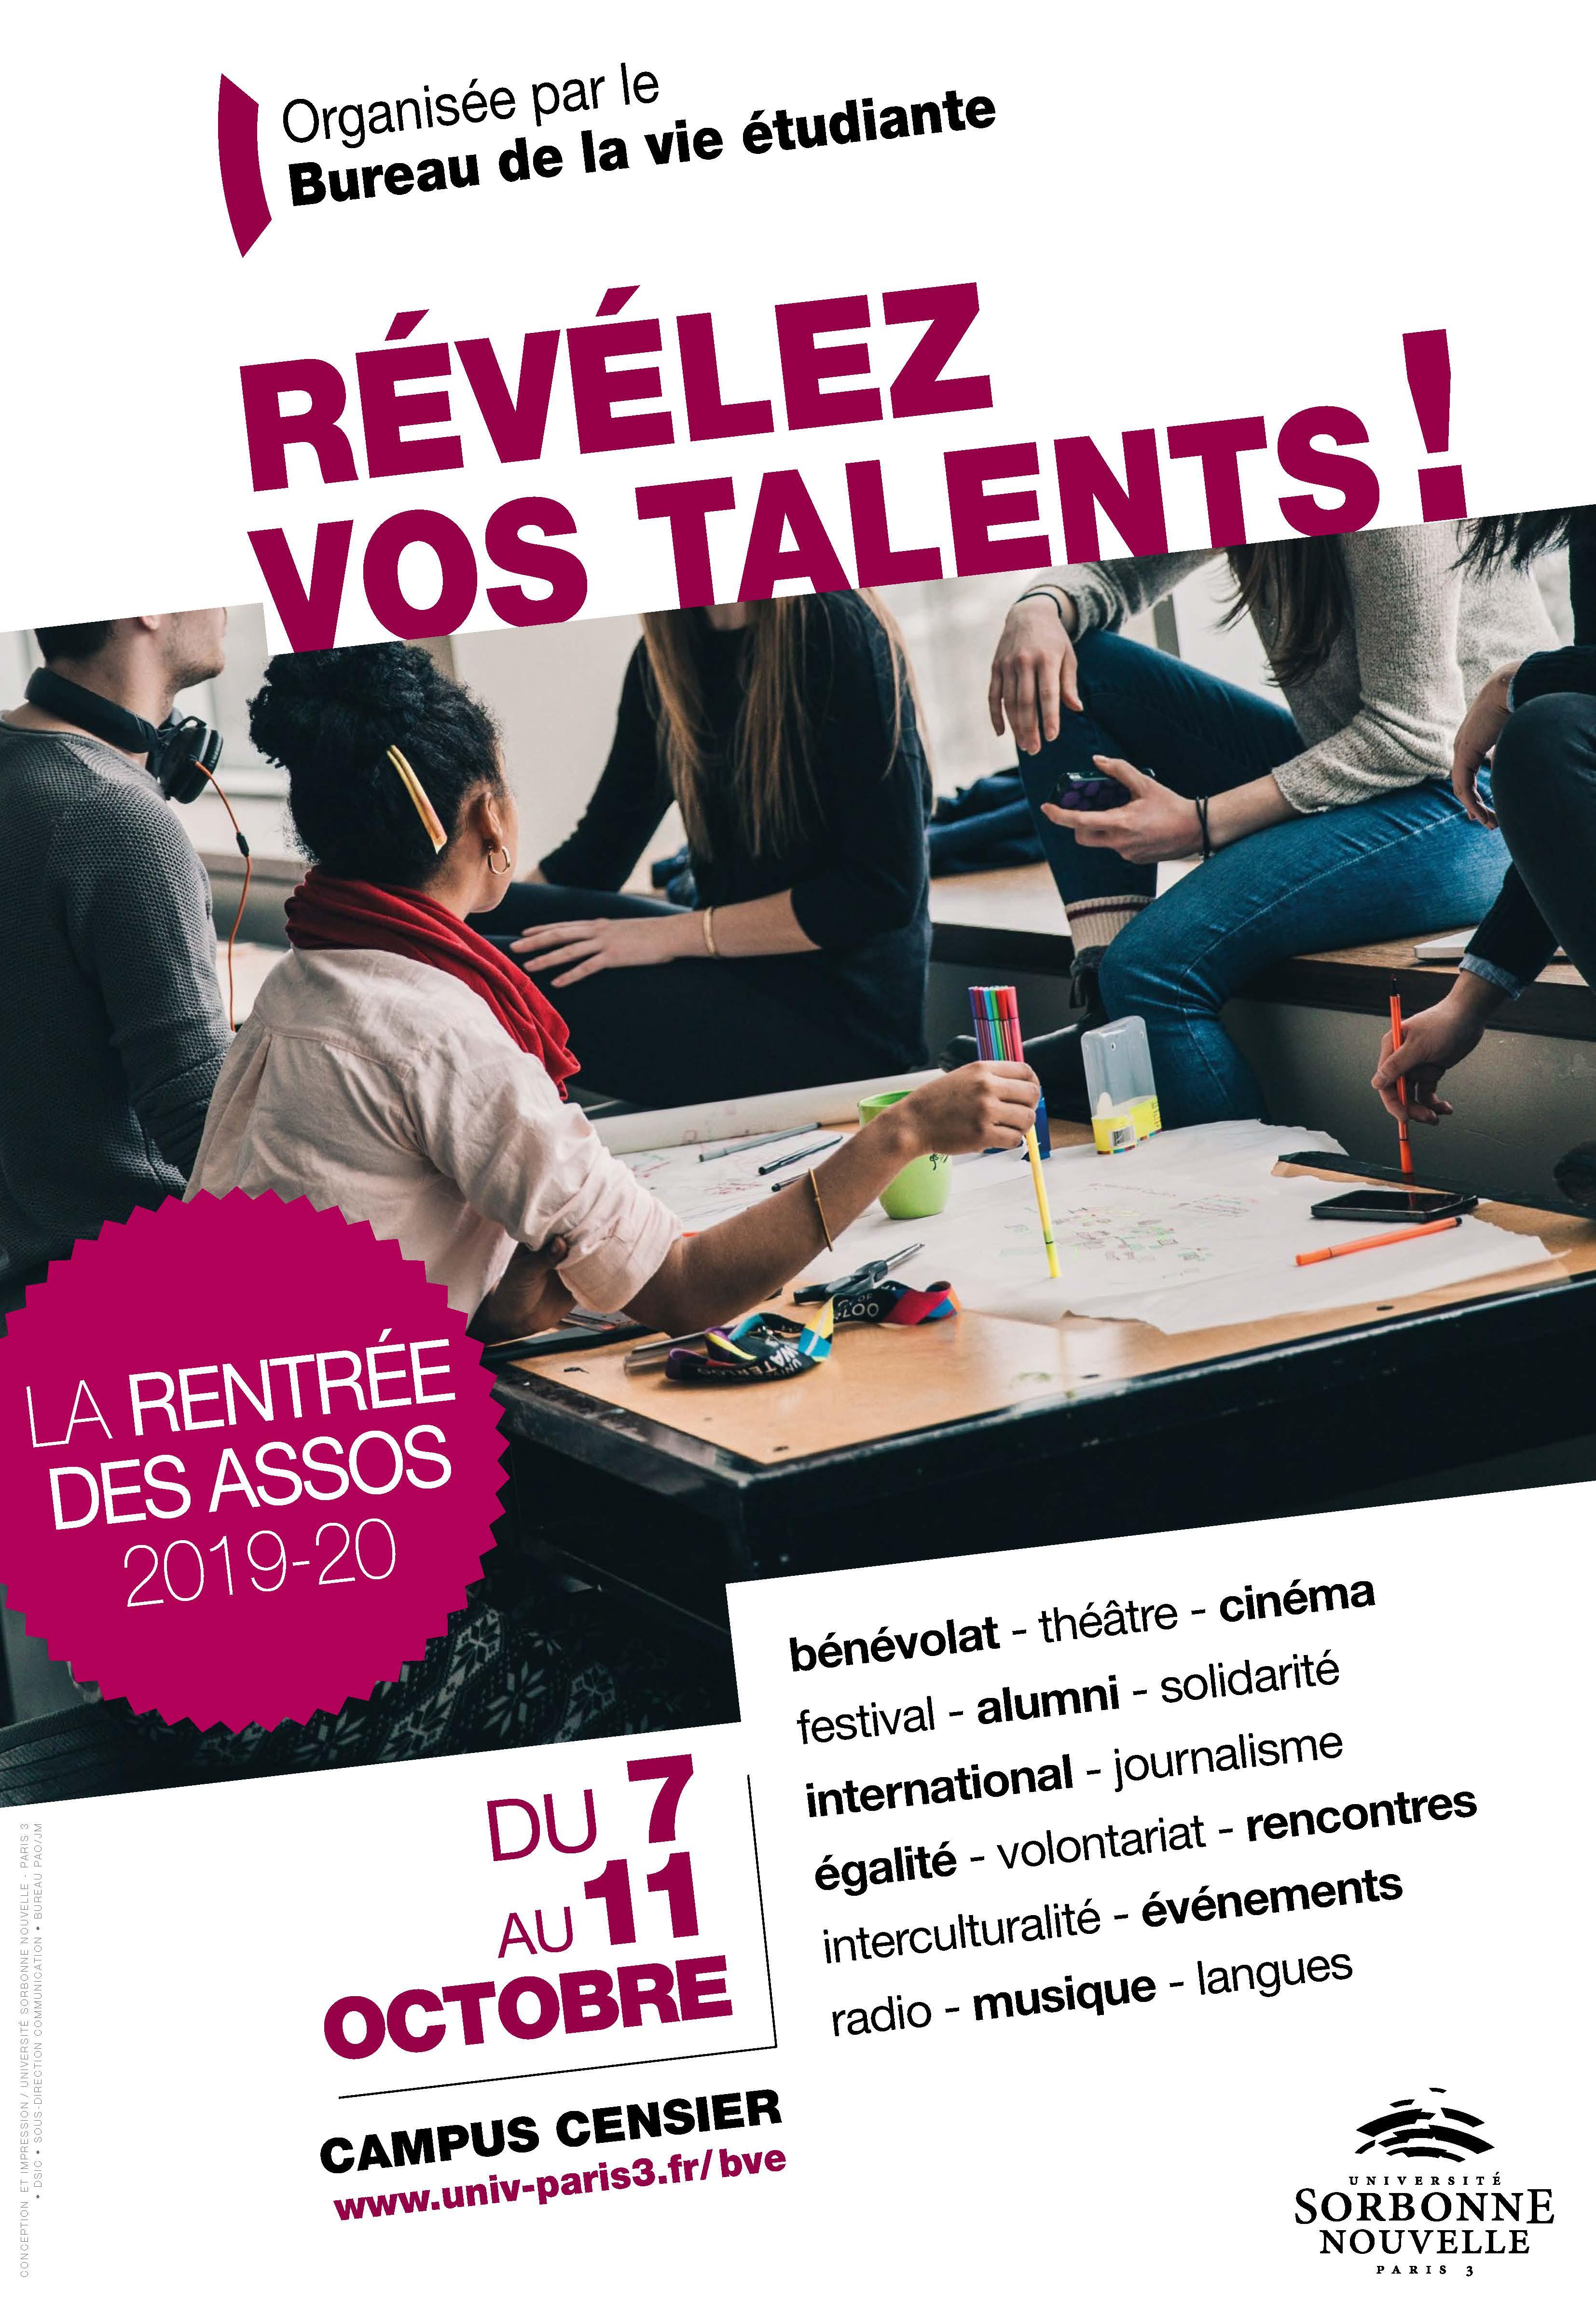 Affiche - La rentrée des assos 2019-20 - révélez vos talents.jpg